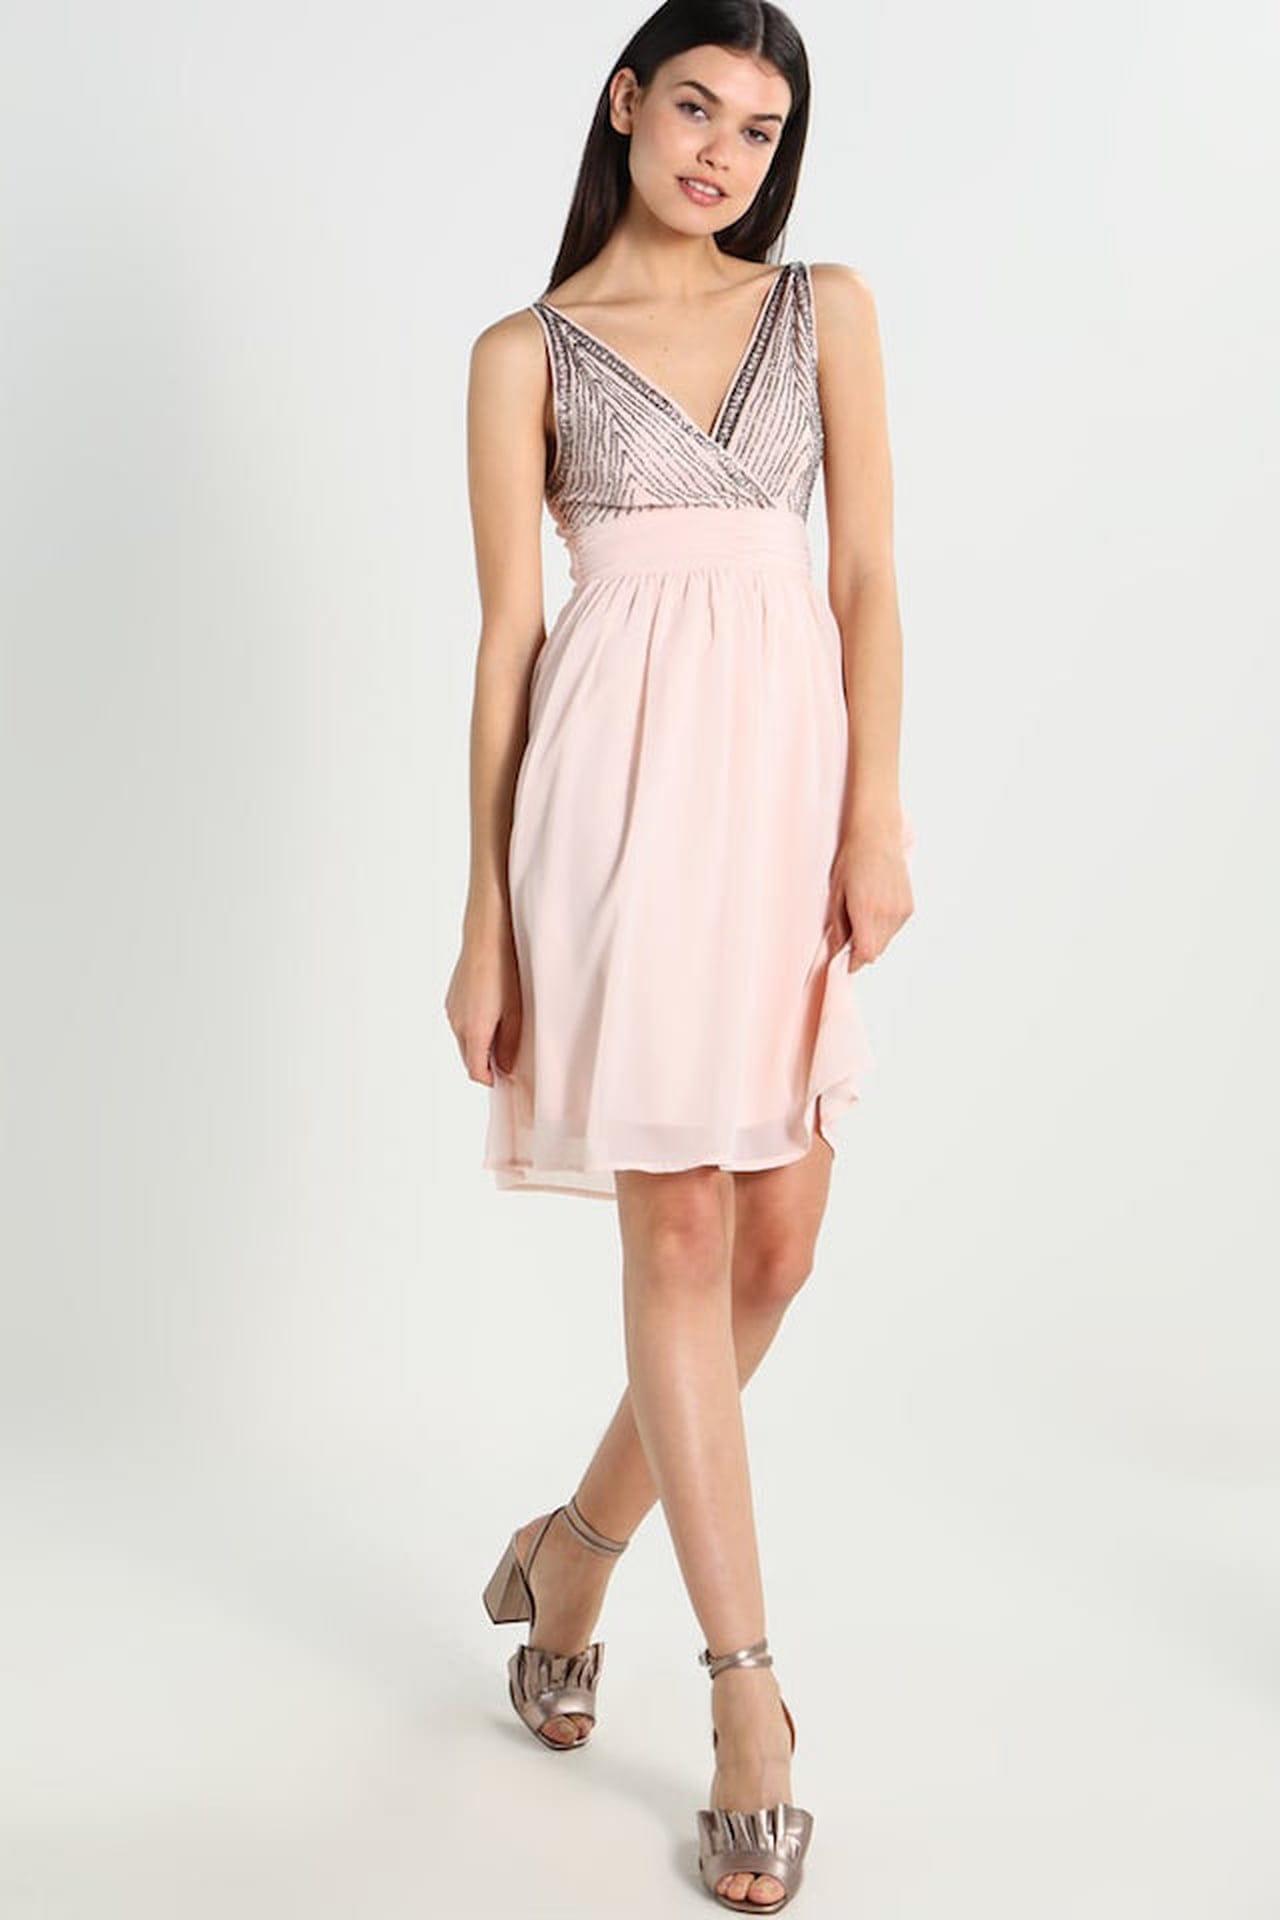 c8d29266cead Vestiti estivi corti anche per le occasioni un po  più elegantine con i  modelli firmati Vero Moda. © Vero Moda